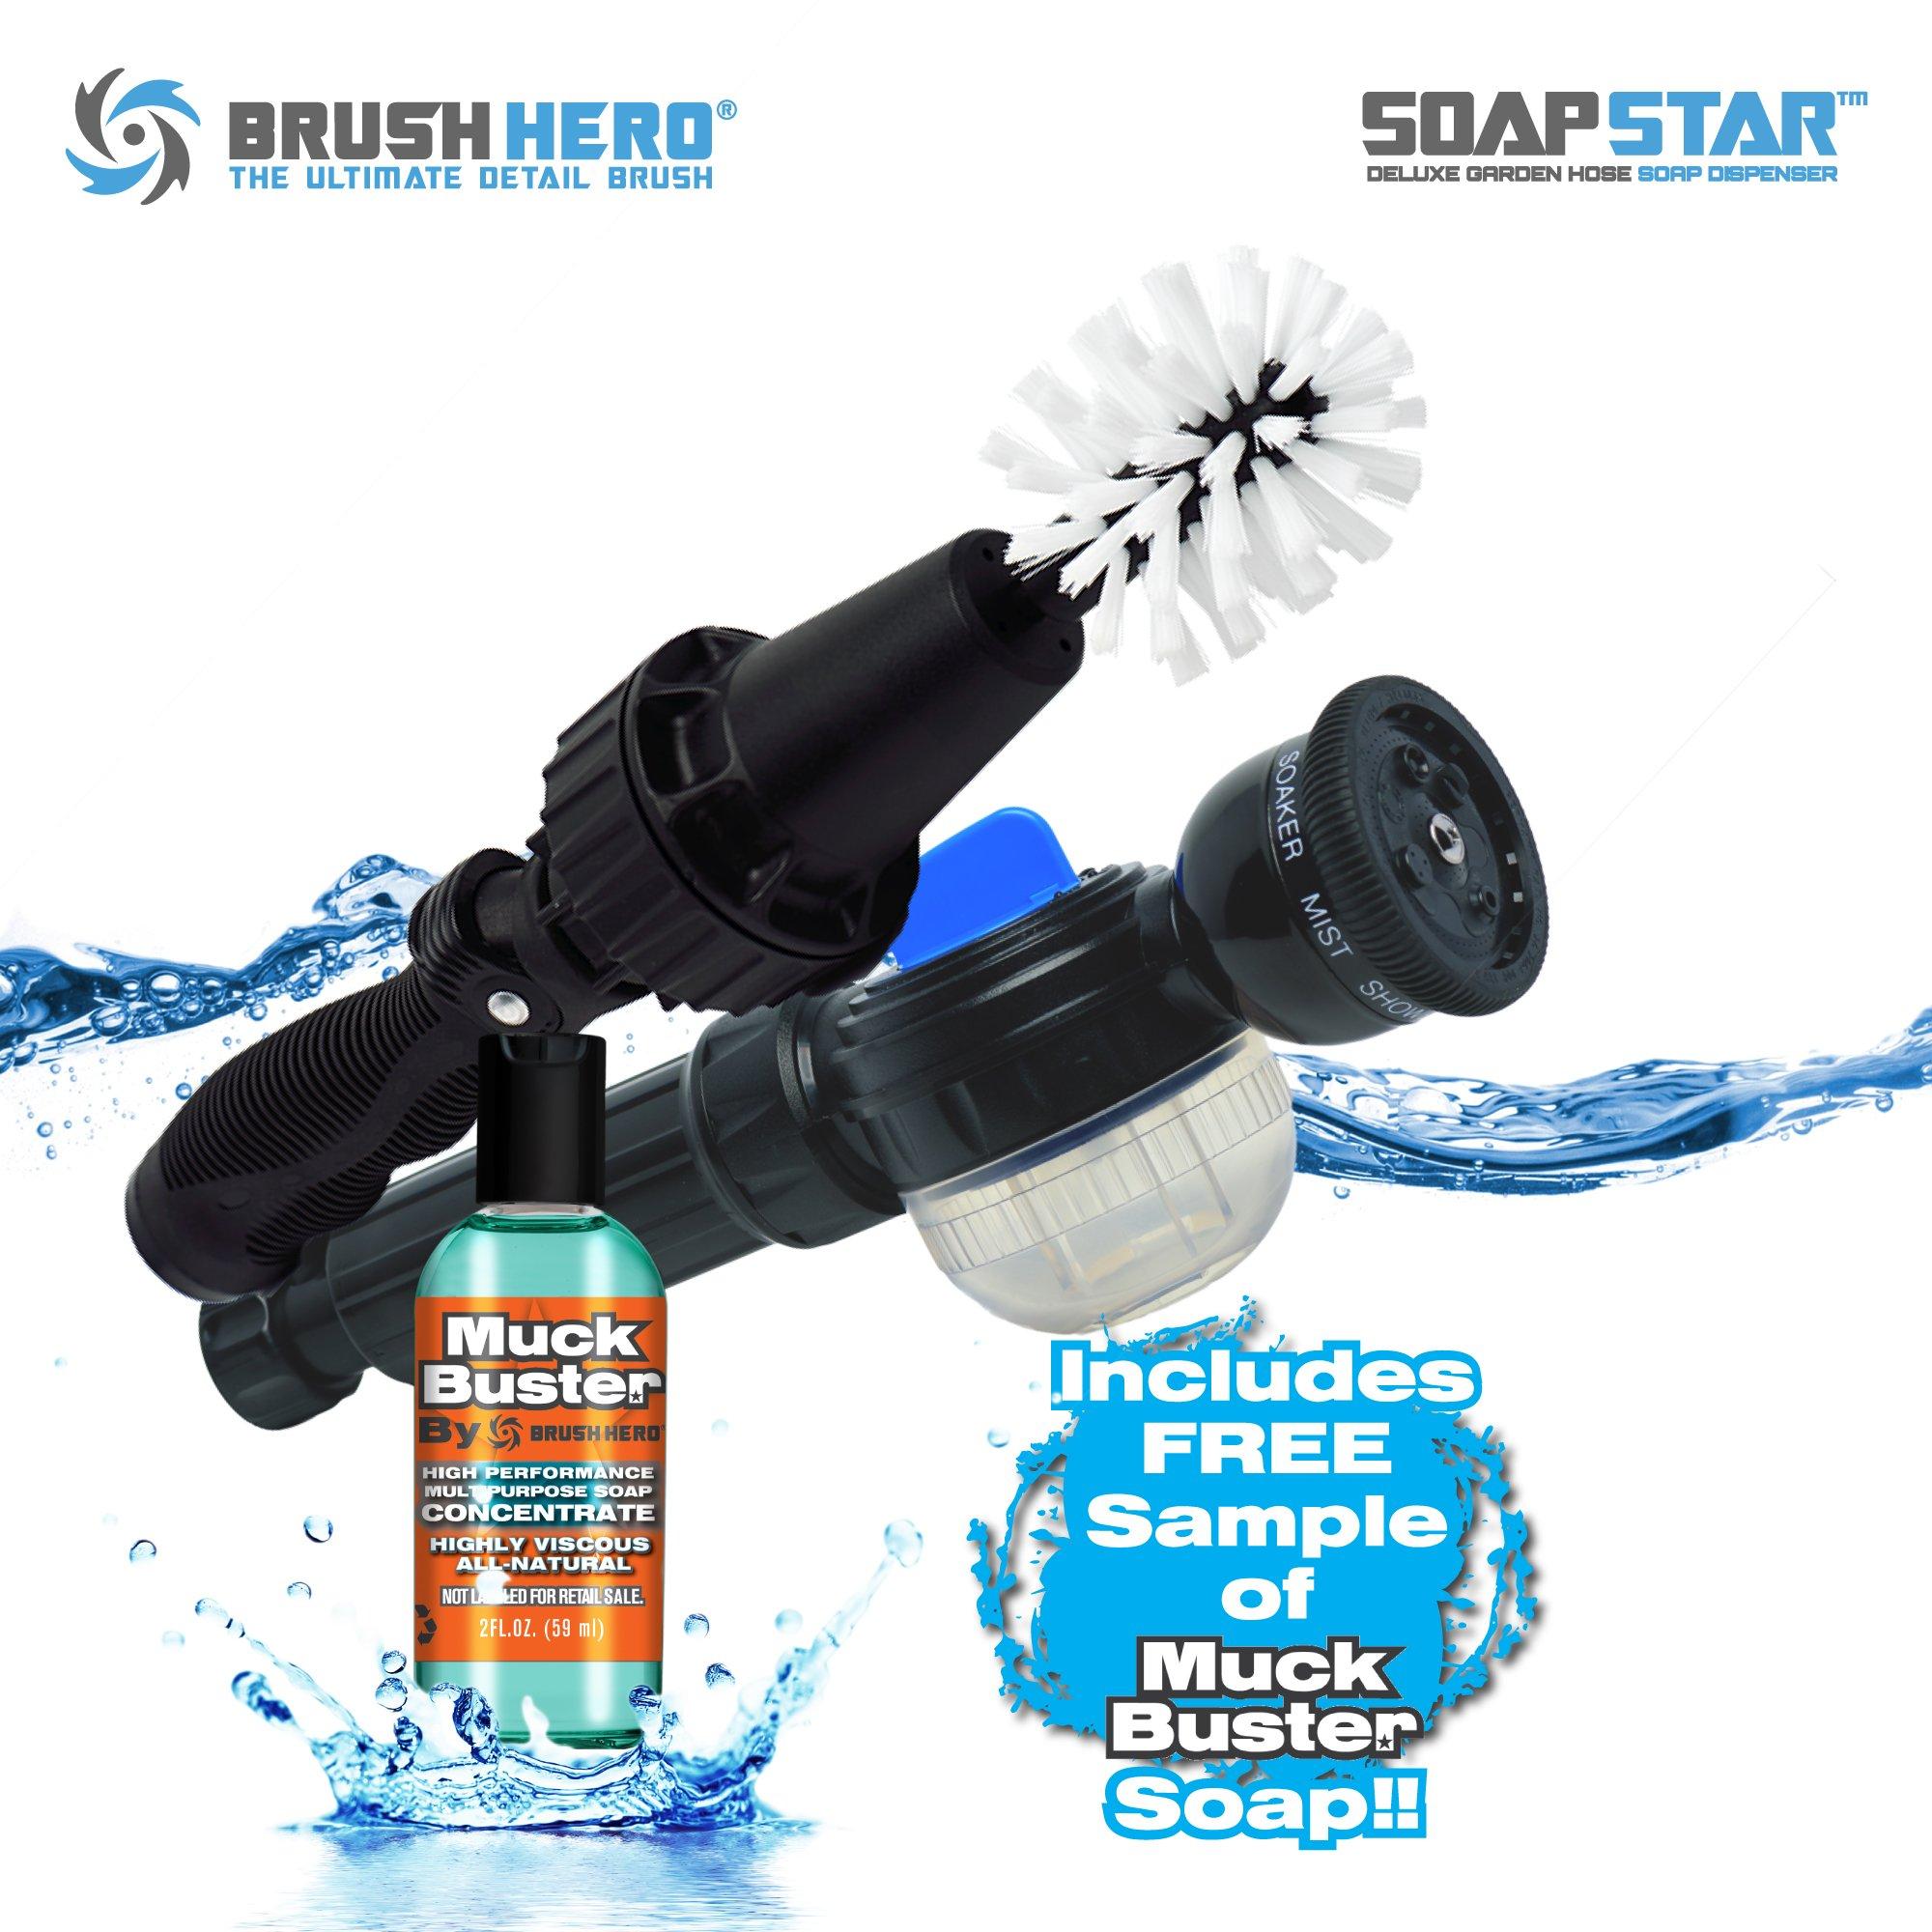 Brush Hero The Original Wheel Brush, Premium Water-Powered Turbine for Rims, Engines, Bikes, Equipment, Furniture and More (Starter)